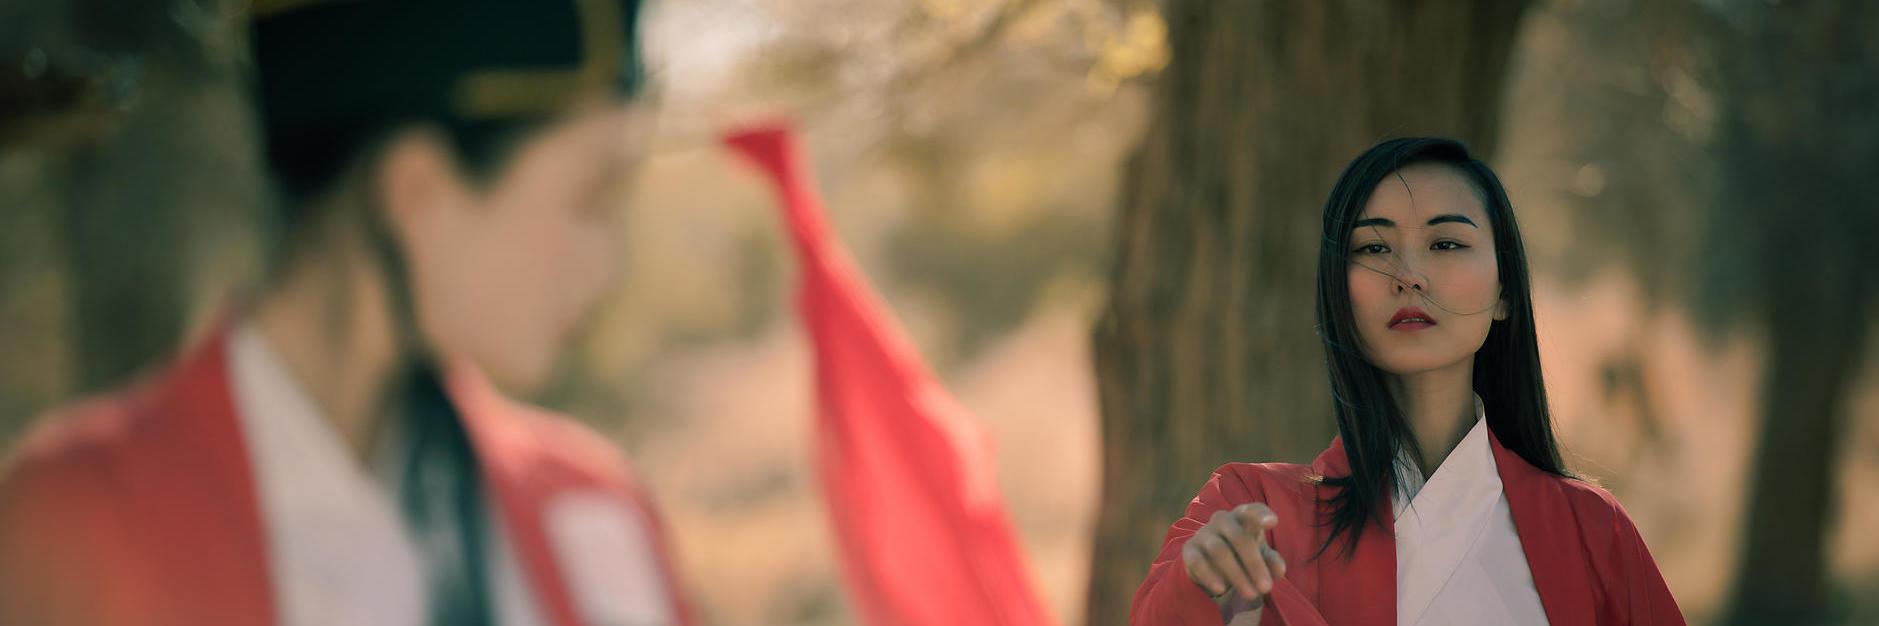 电影《英雄》取景地--内蒙额济纳,记录炫丽迷人的七彩丹霞地貌